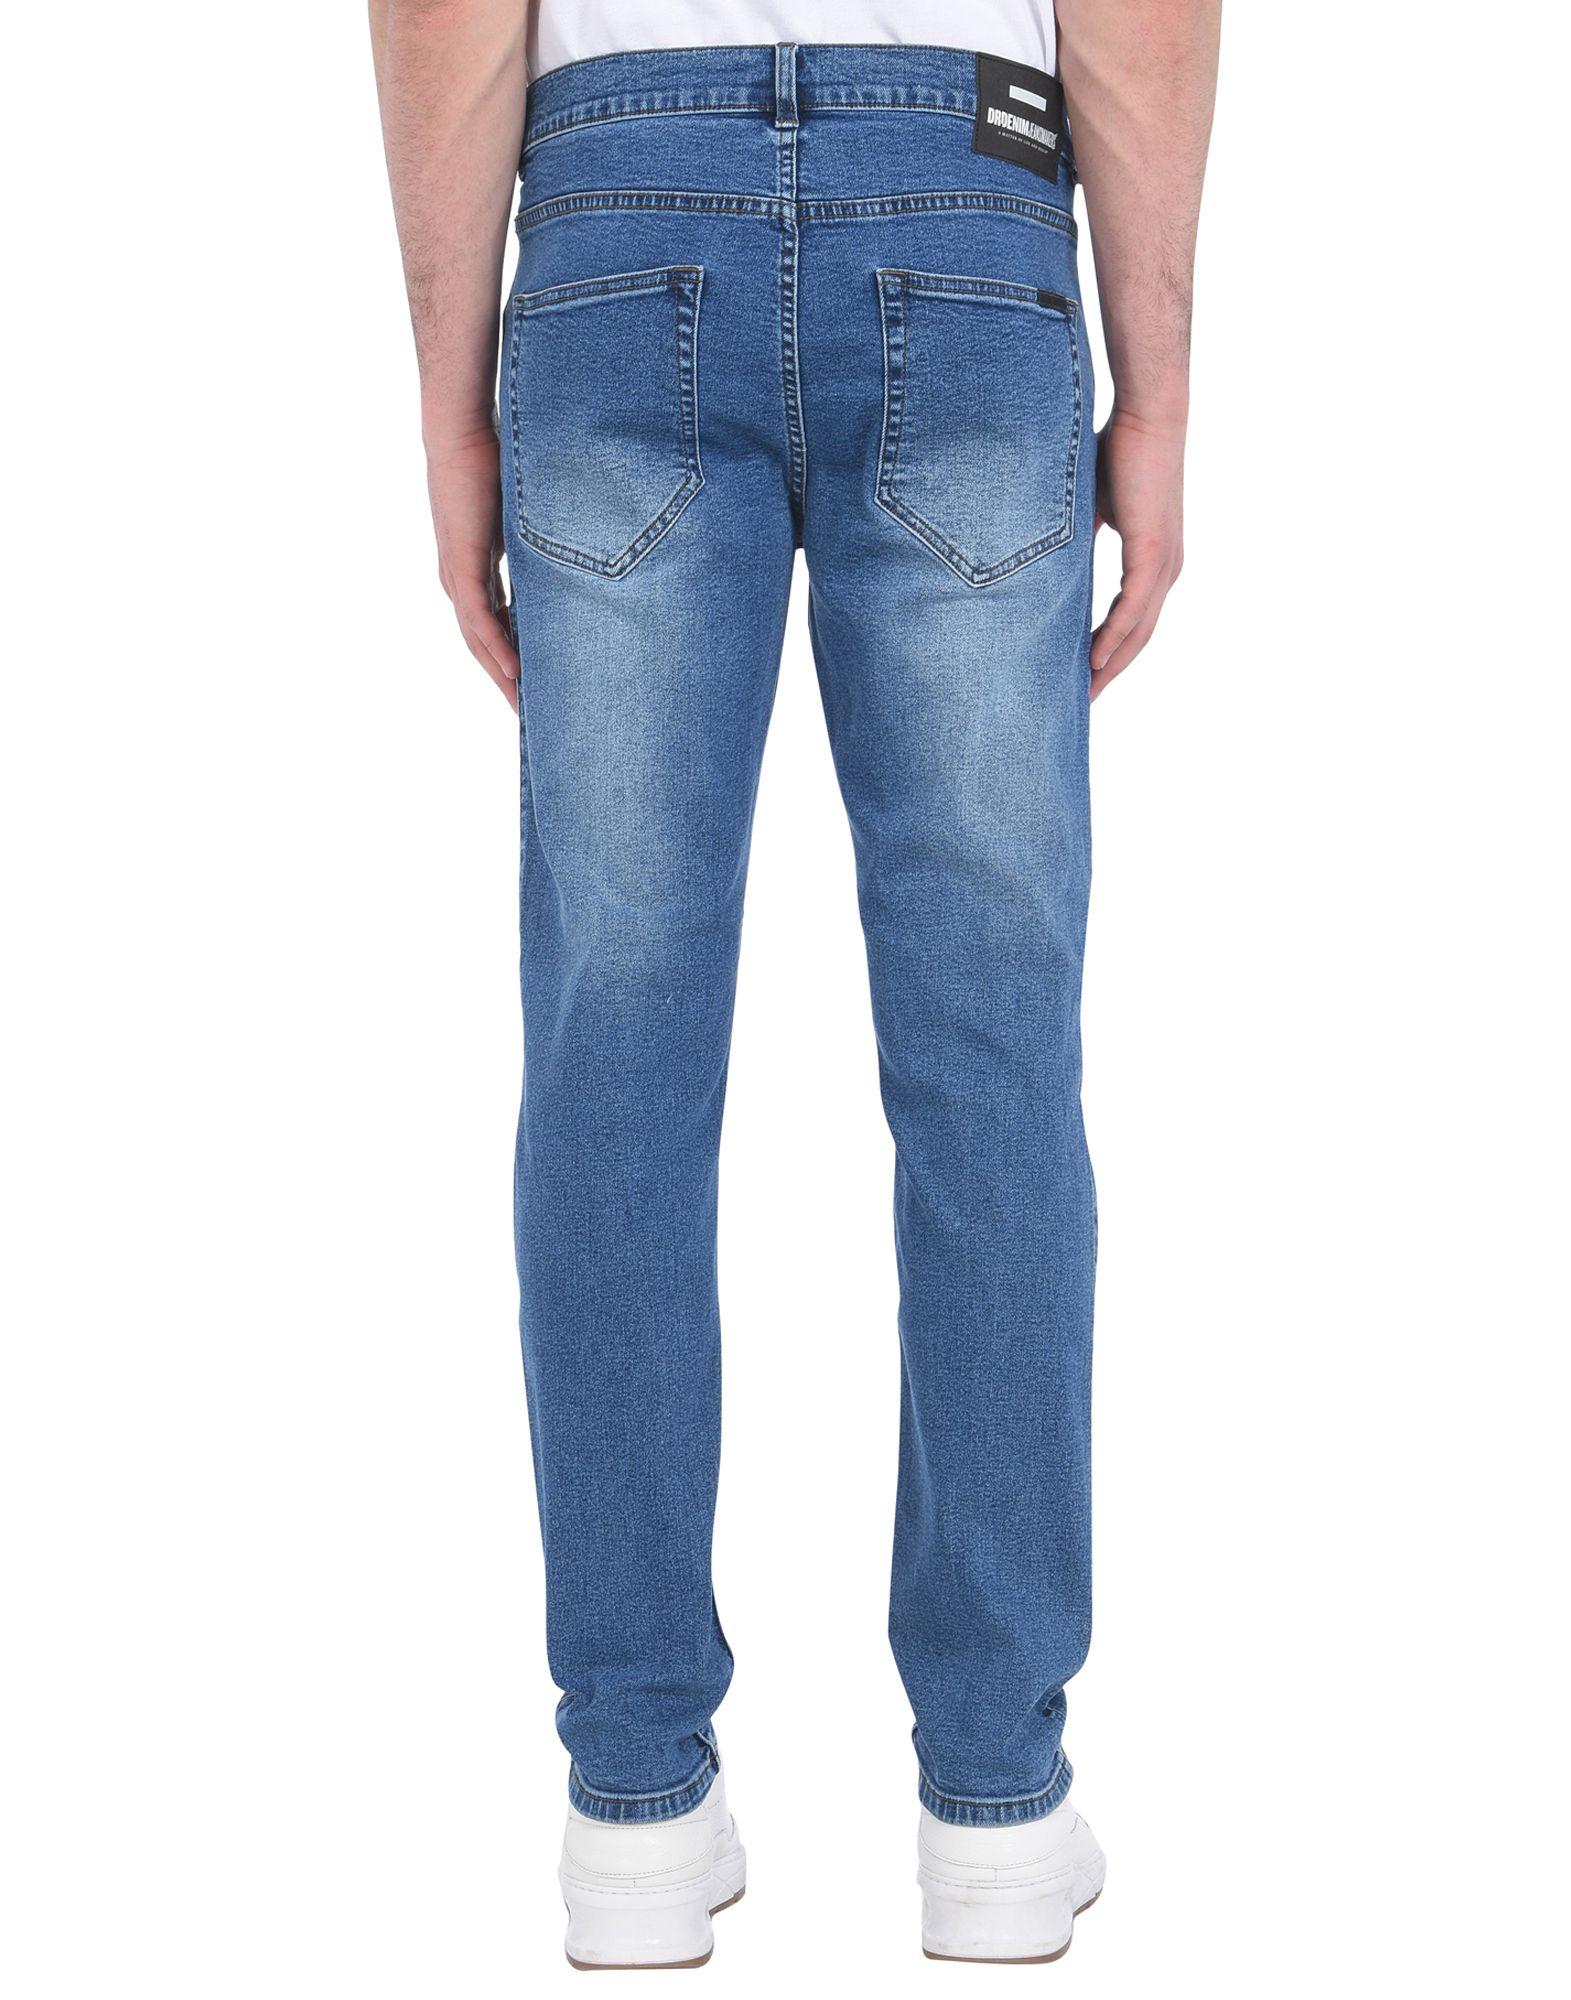 Pantaloni Pantaloni Pantaloni Jeans Dr. Denim Jeansmakers Uomo - 42670252NB 4bdcd2